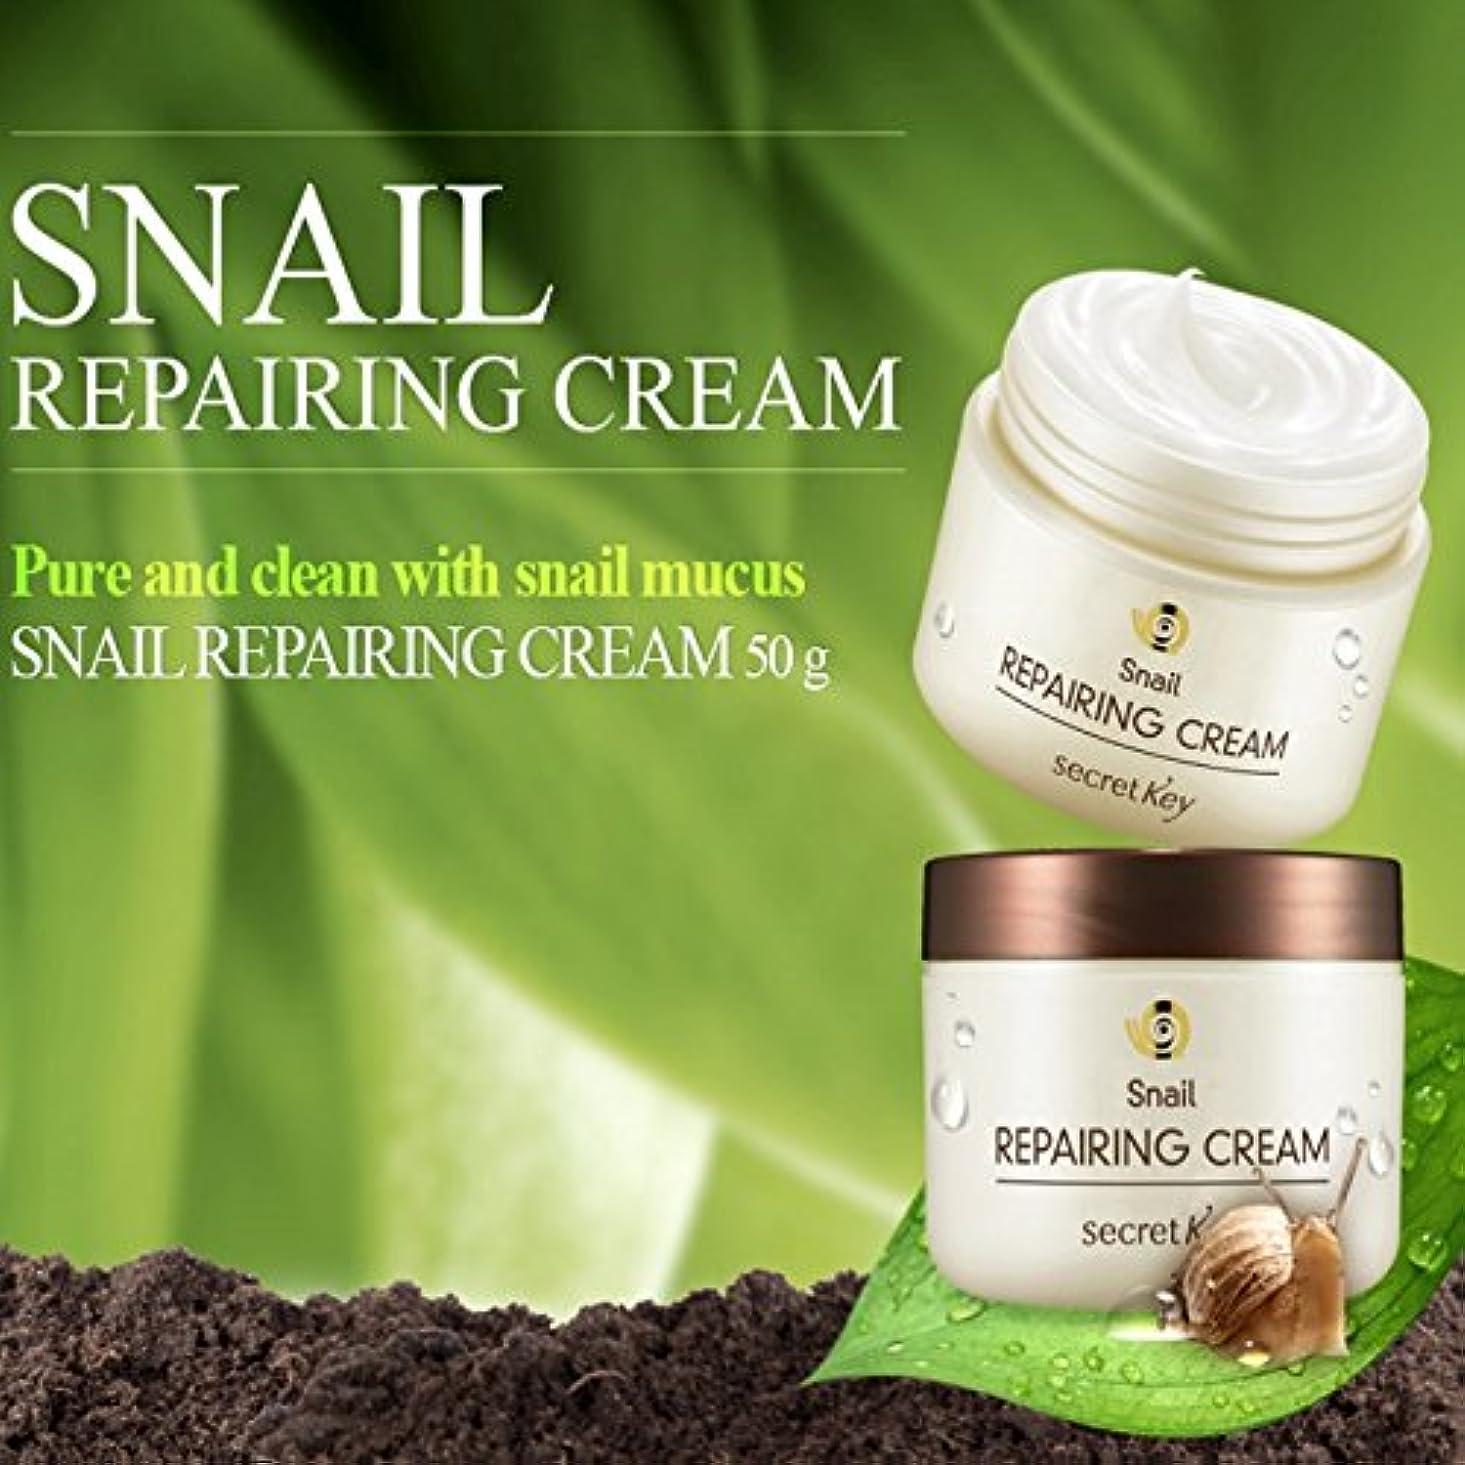 安定回る公平なSecret Key Snail Repairing Cream Renewal 50g /シークレットキー スネイル リペアリング /100% Authentic direct from Korea/w 2 Gift...